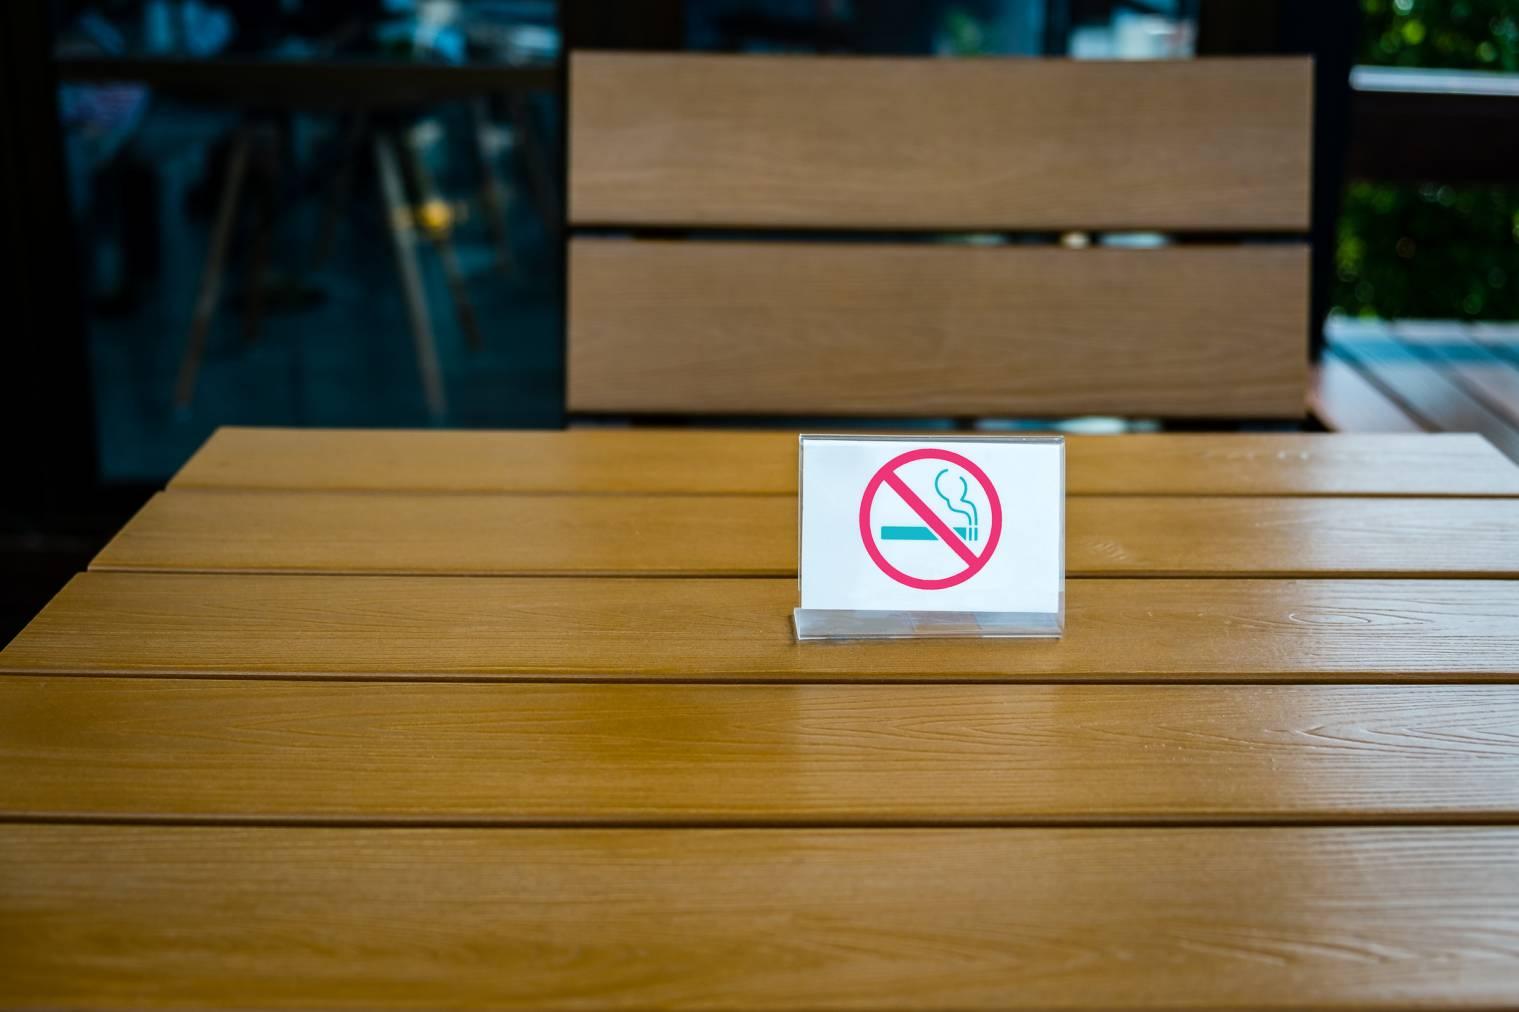 affichage interdiction de fumer